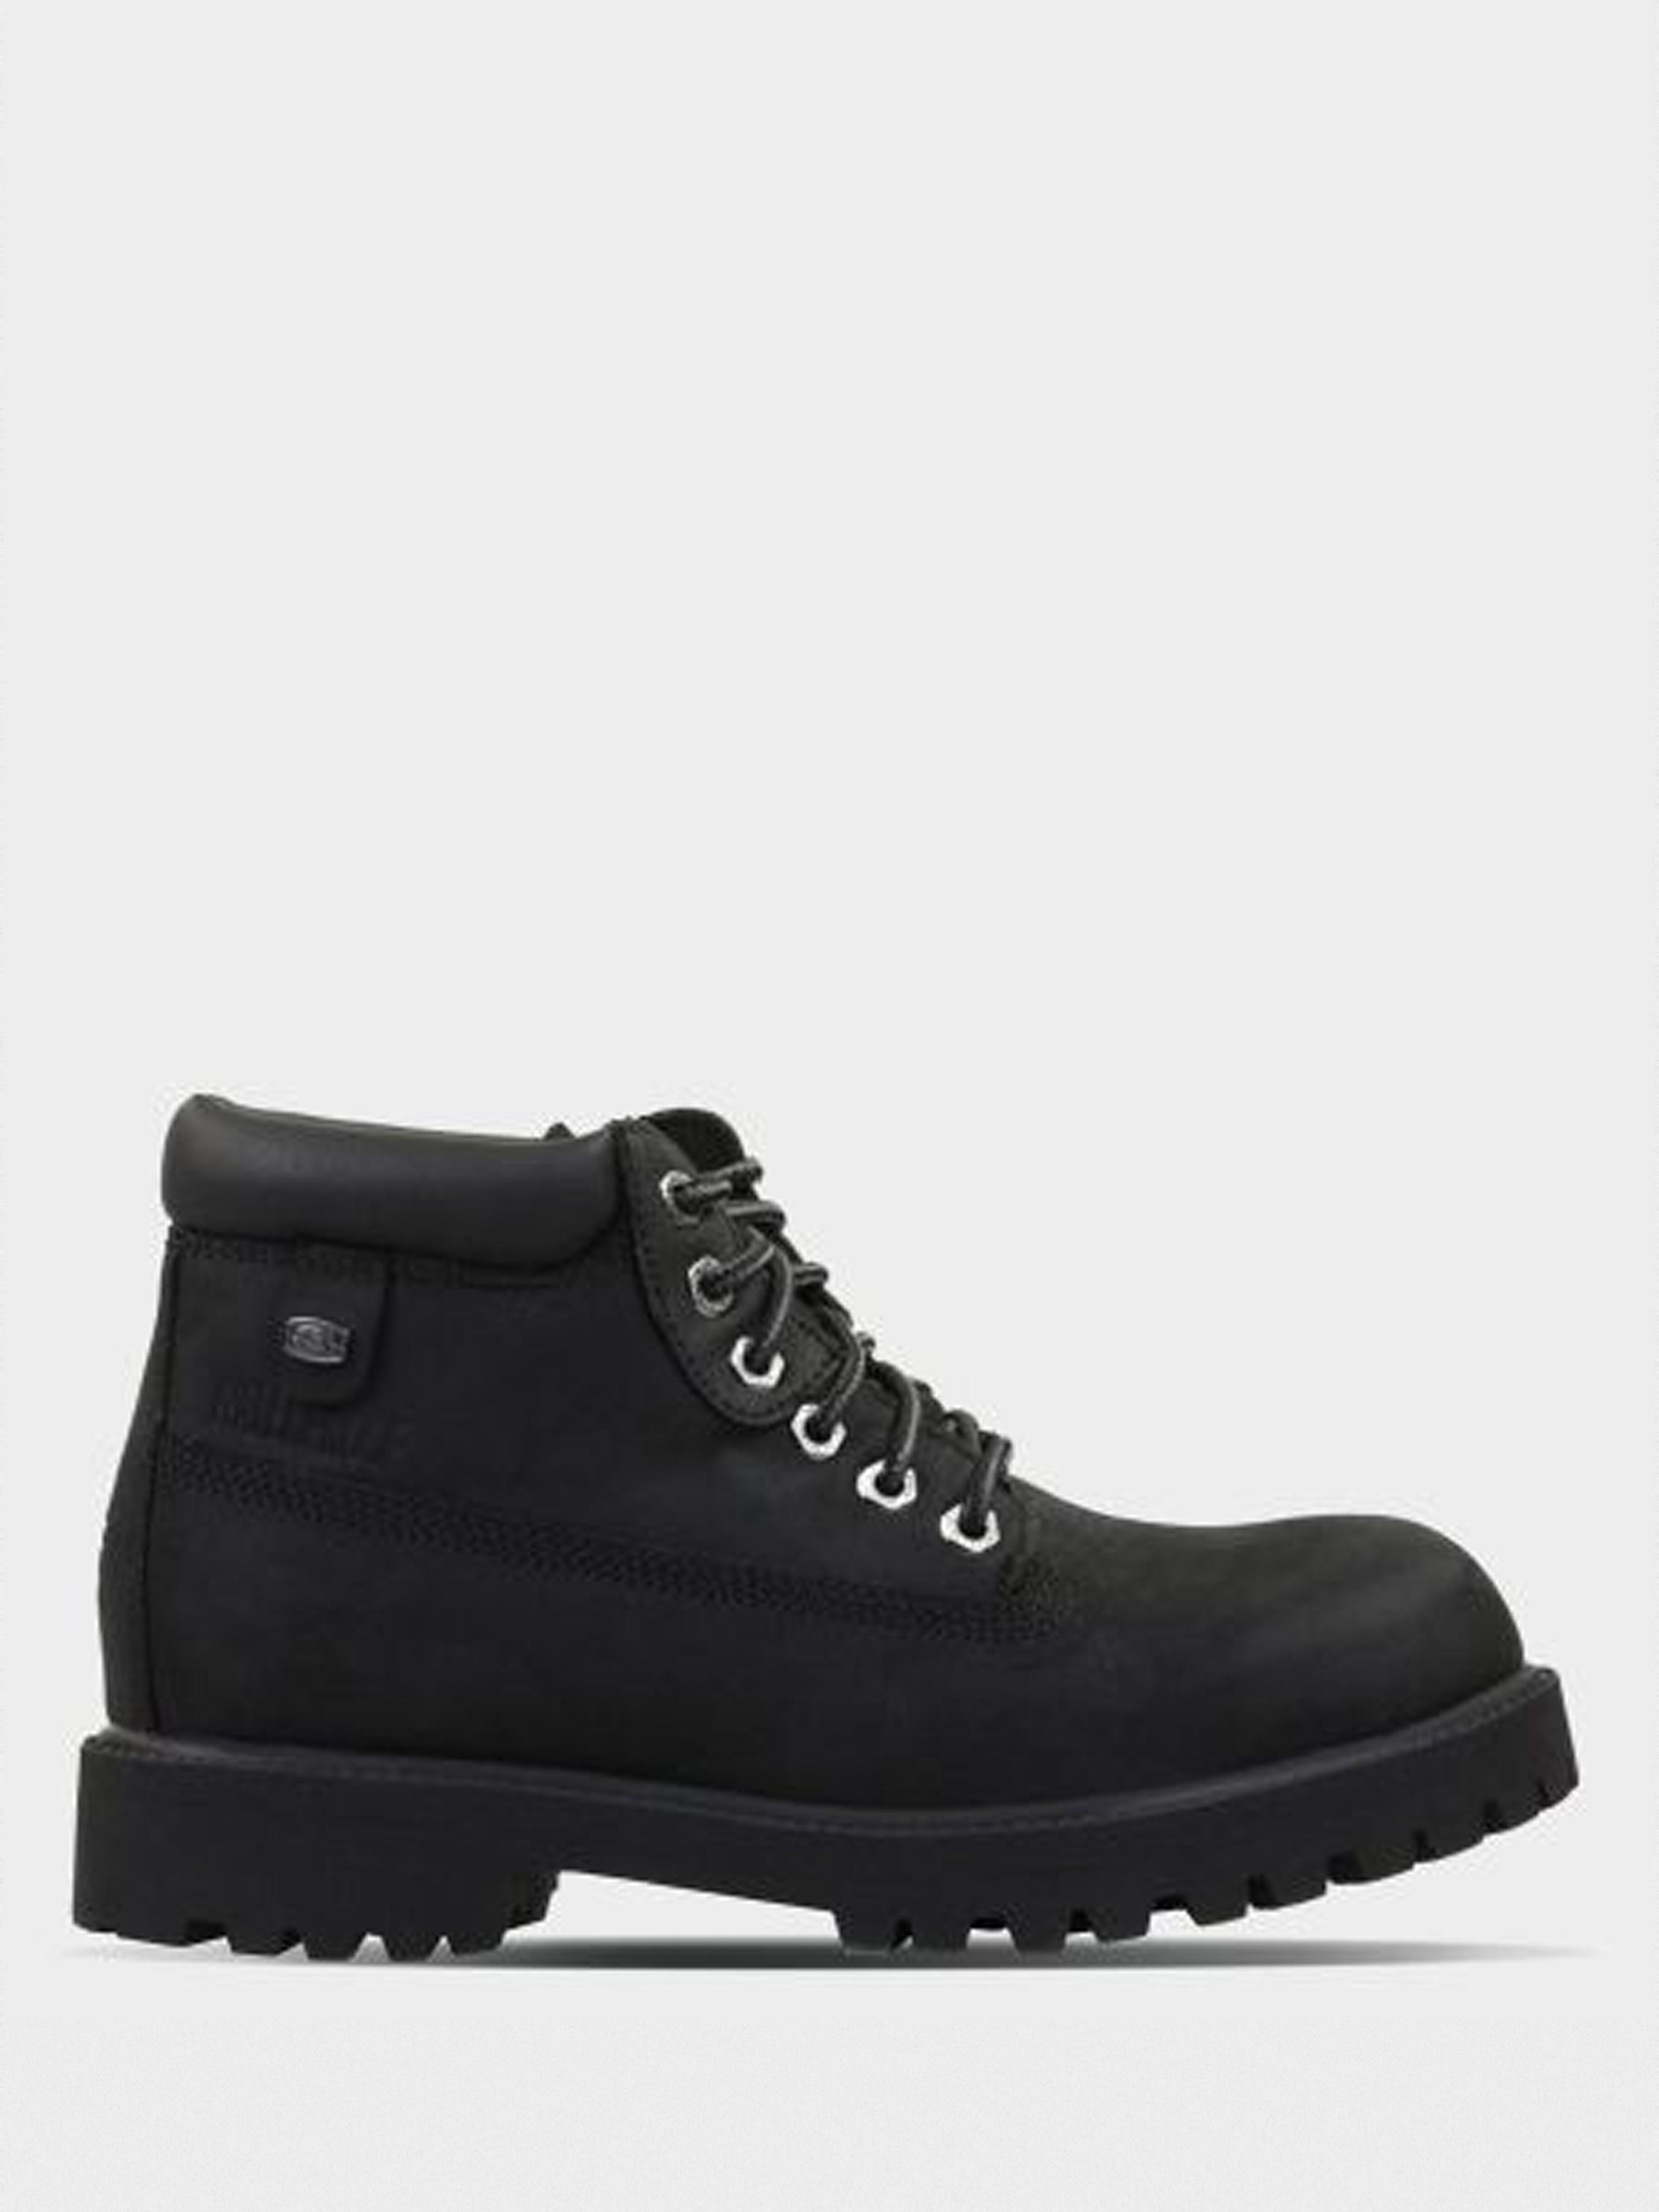 Купить Ботинки мужские Skechers KM2394, Черный